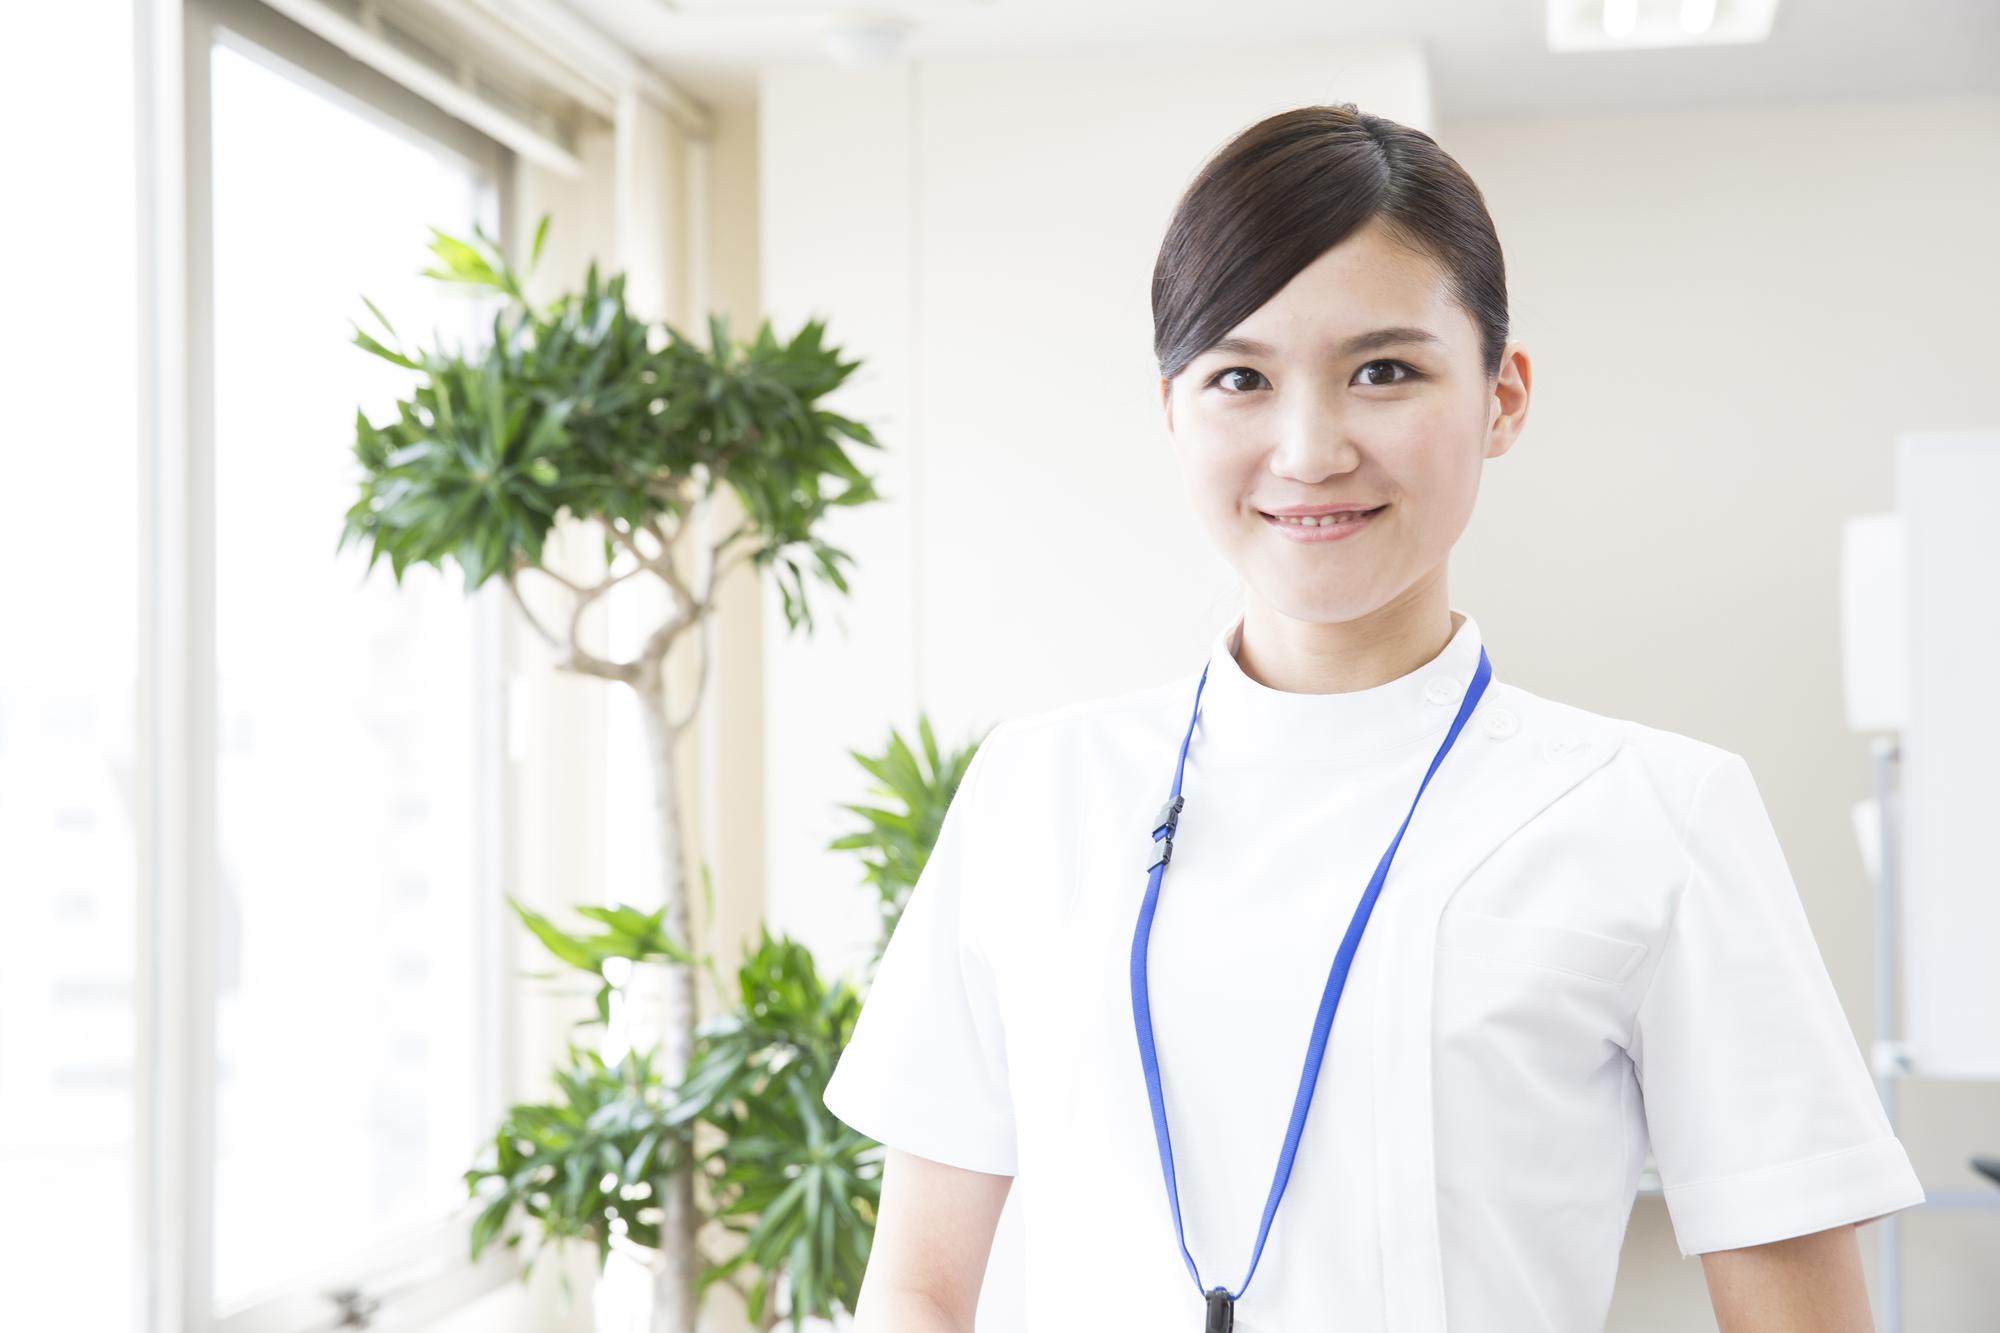 精神科へ介護士として転職できる?仕事内容・給与は?